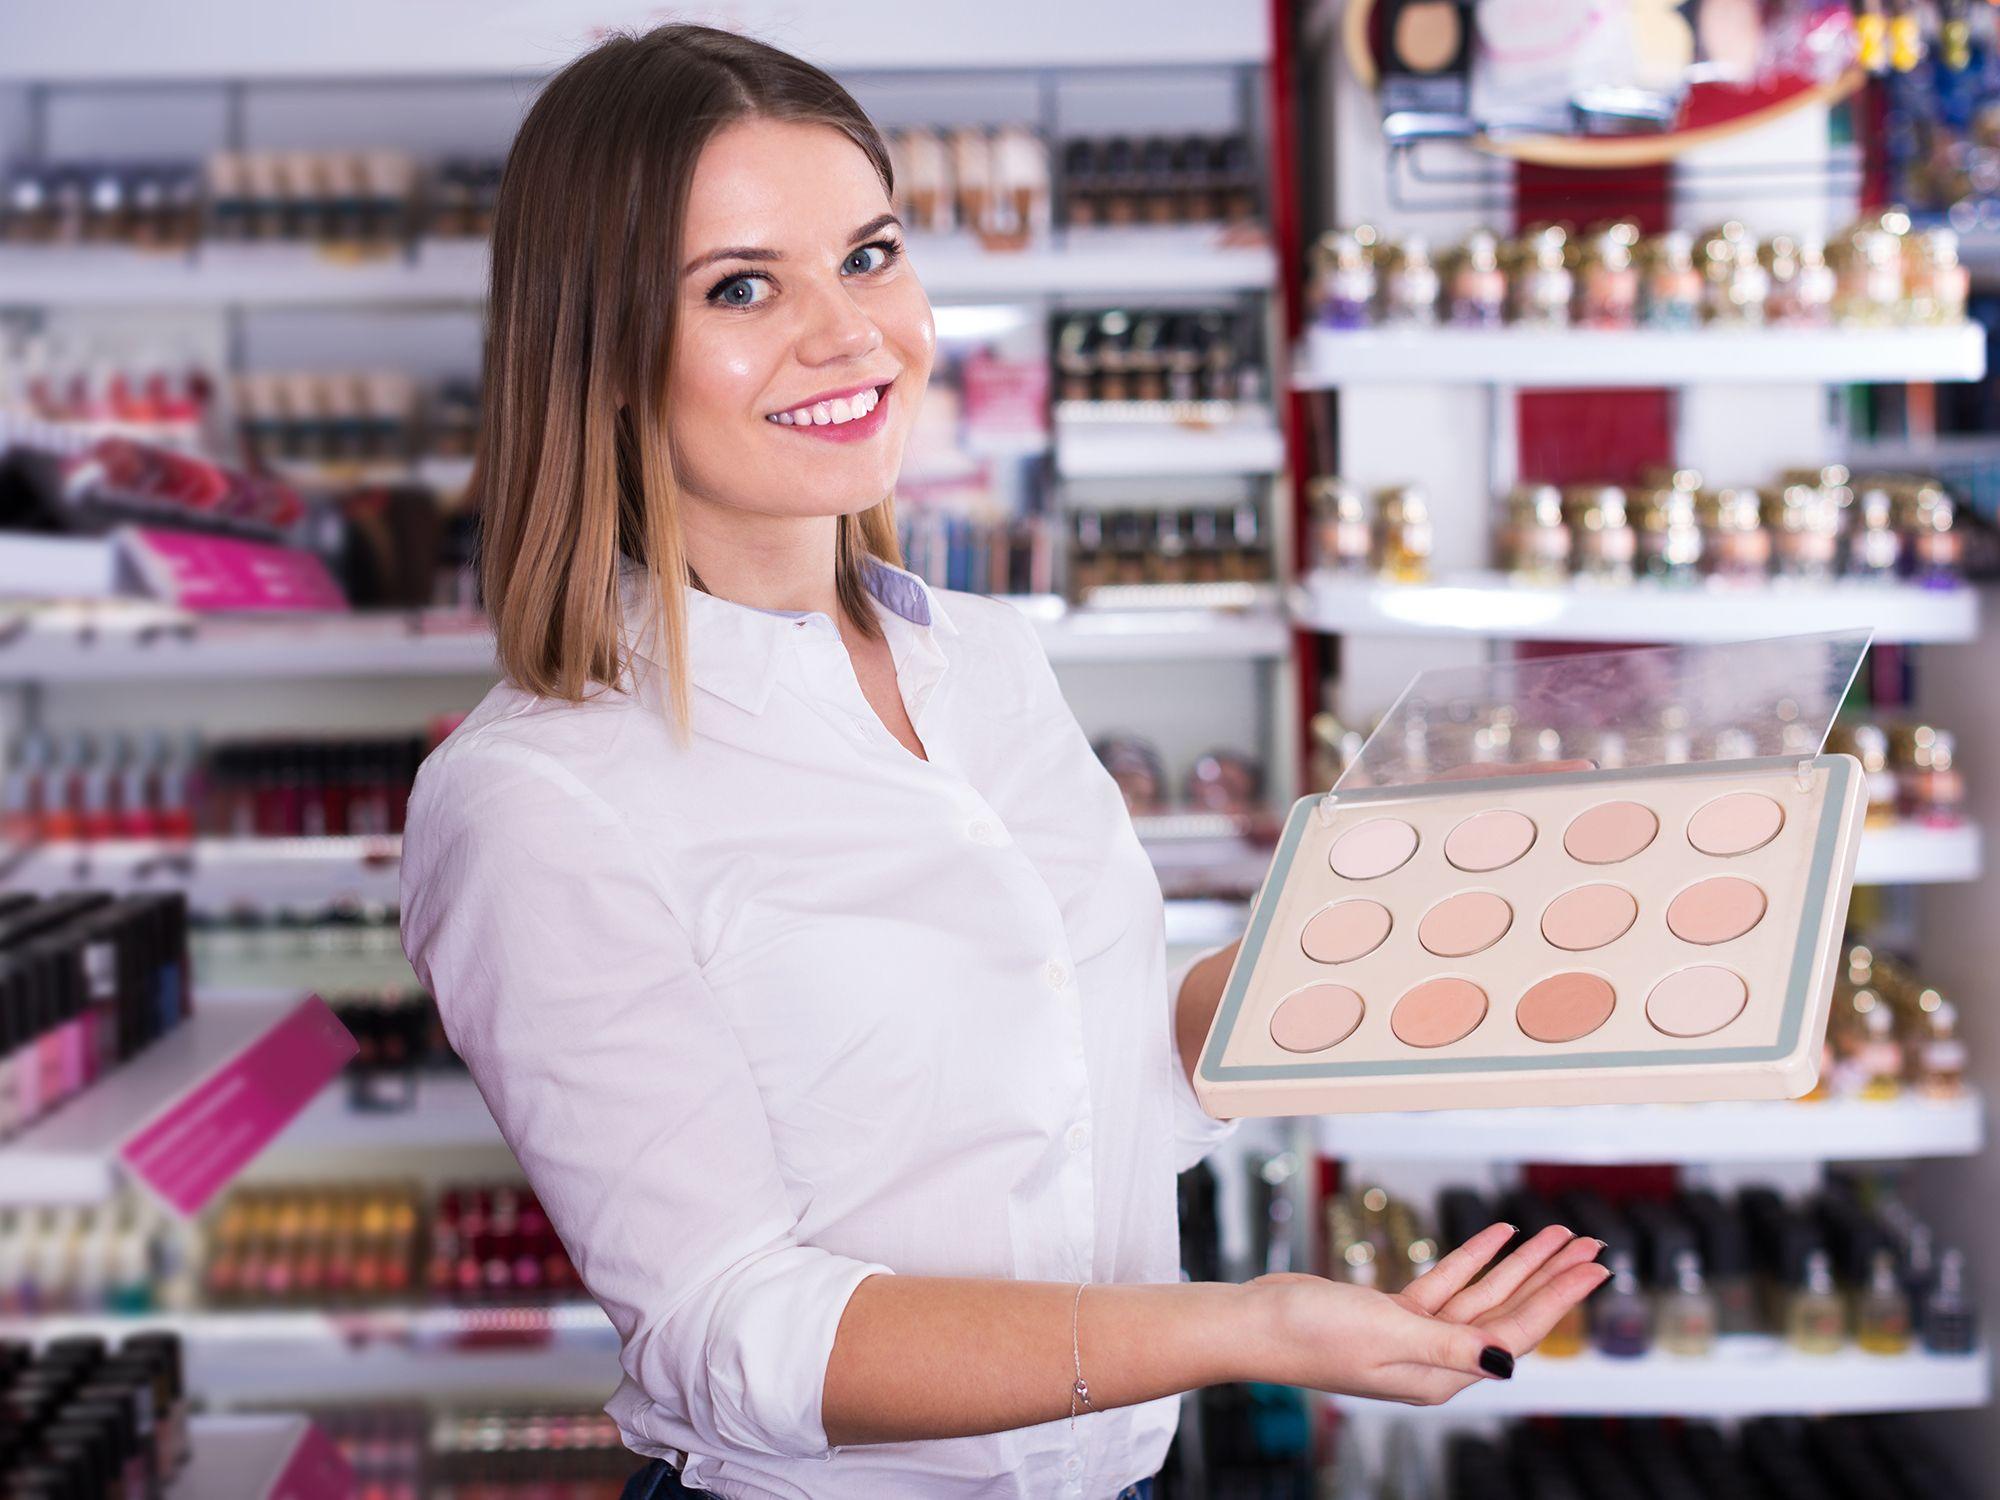 Level 3 - Verkäufer wie Verkaufsprofis, Verkaufstalente, Textilverkäufer, Bäckereiverkäufer, Elektronikverkäufer, Fachverkäufer, Verkaufsberater, Verkaufsmanager, Verkauf Aushilfen, Vertriebsprofis, Verkaufsexperten, Verkaufsmitarbeiter und Vertriebler zwecks direkter Personalvermittlung oder Zeitarbeit per Arbeitnehmerüberlassung und Personalüberlassung für den Einzelhandel, Kundenservice, Kundenbetreuung, Kundenbindung, Außenhandel, Außendienst, Vertrieb, Direktvertrieb, Vertriebsberatung, Verkaufsförderung, Absatzförderung, Verkaufsinnendienst, Verkaufsabteilung und Großhandel finden und buchen